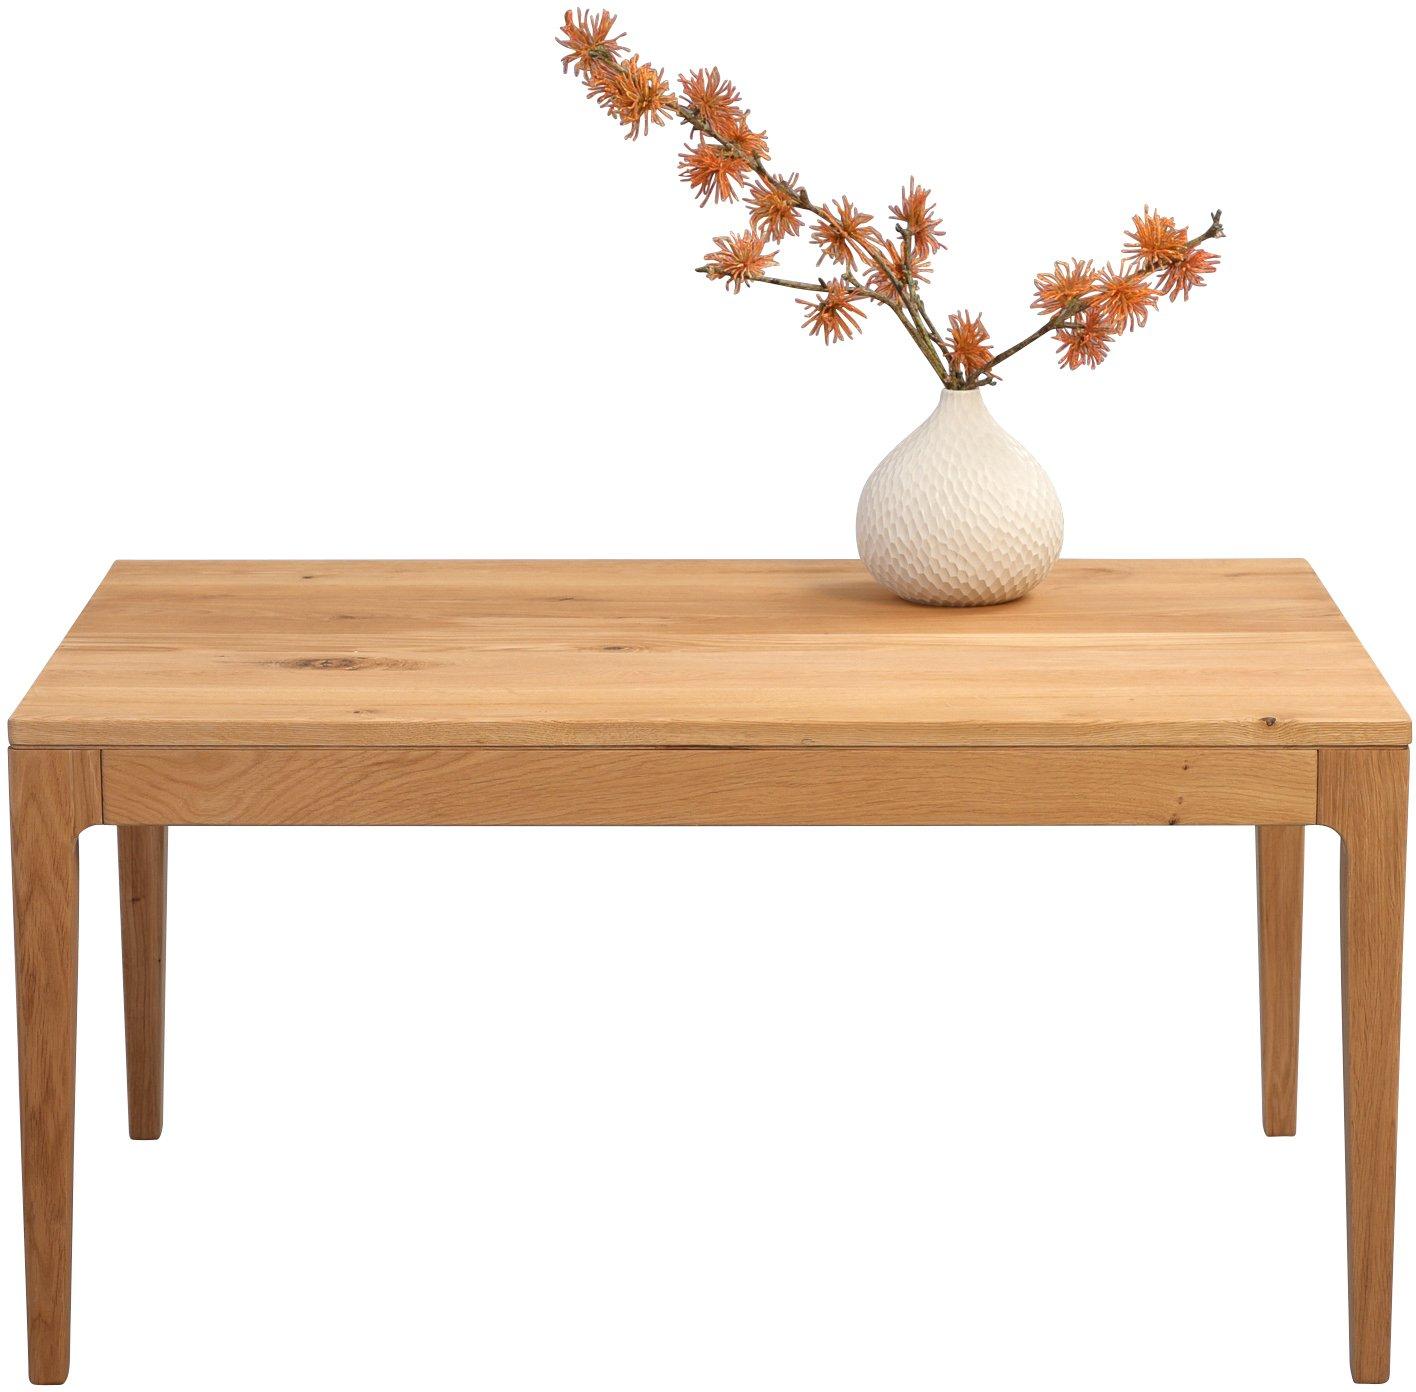 HomeTrends4You Theo Beistelltisch, Holz, Kernbuche, 50 50 50 x 40 x 50 cm 7e7894